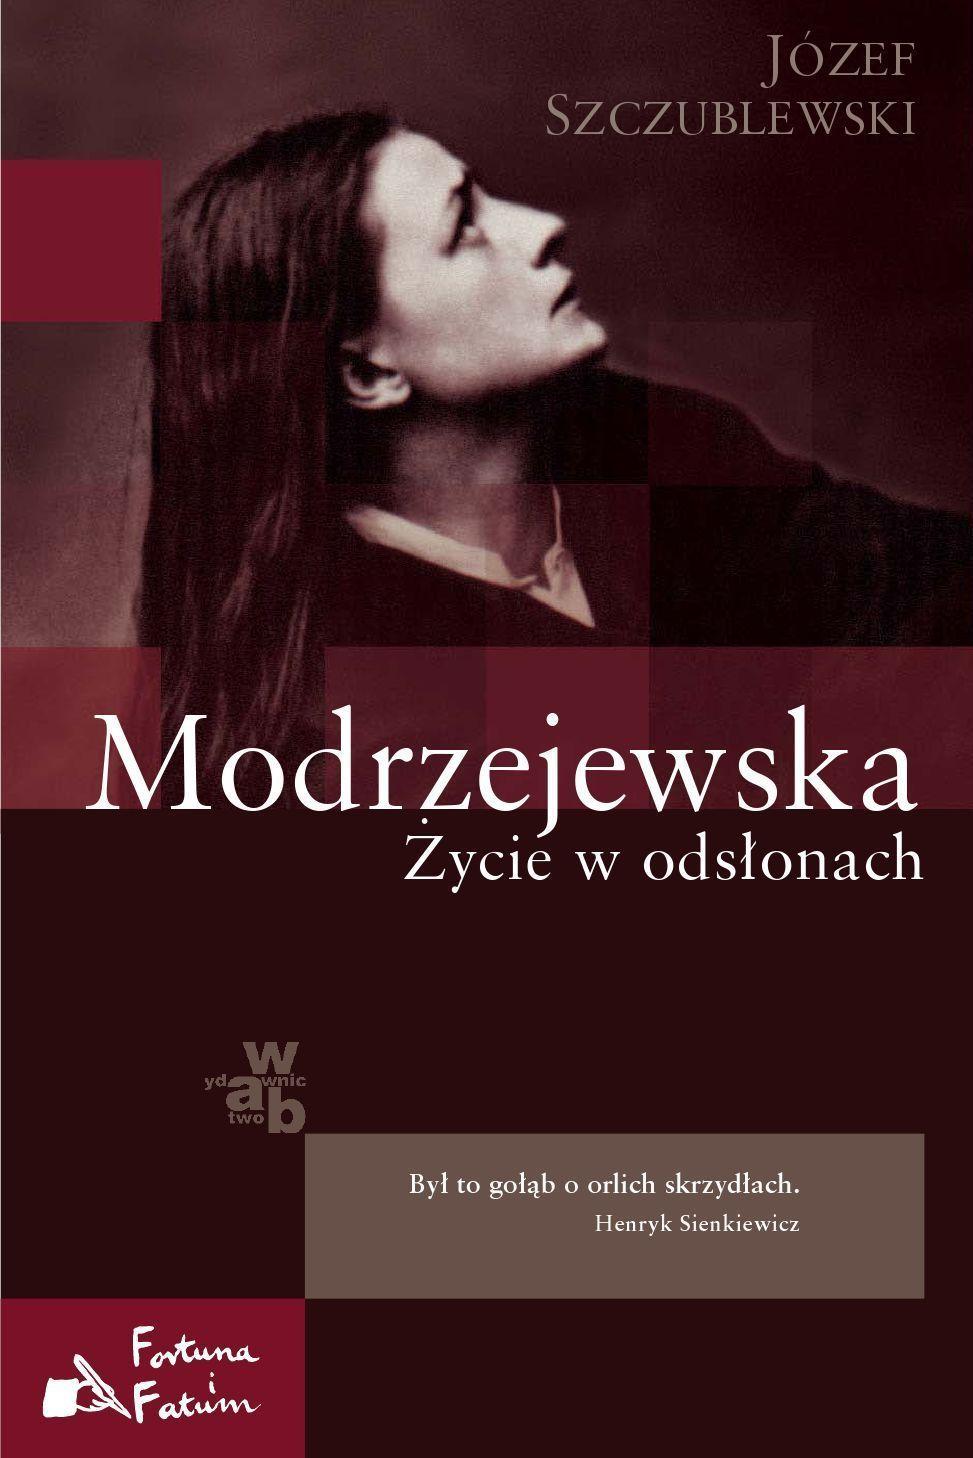 Modrzejewska. Życie w odsłonach - Ebook (Książka EPUB) do pobrania w formacie EPUB